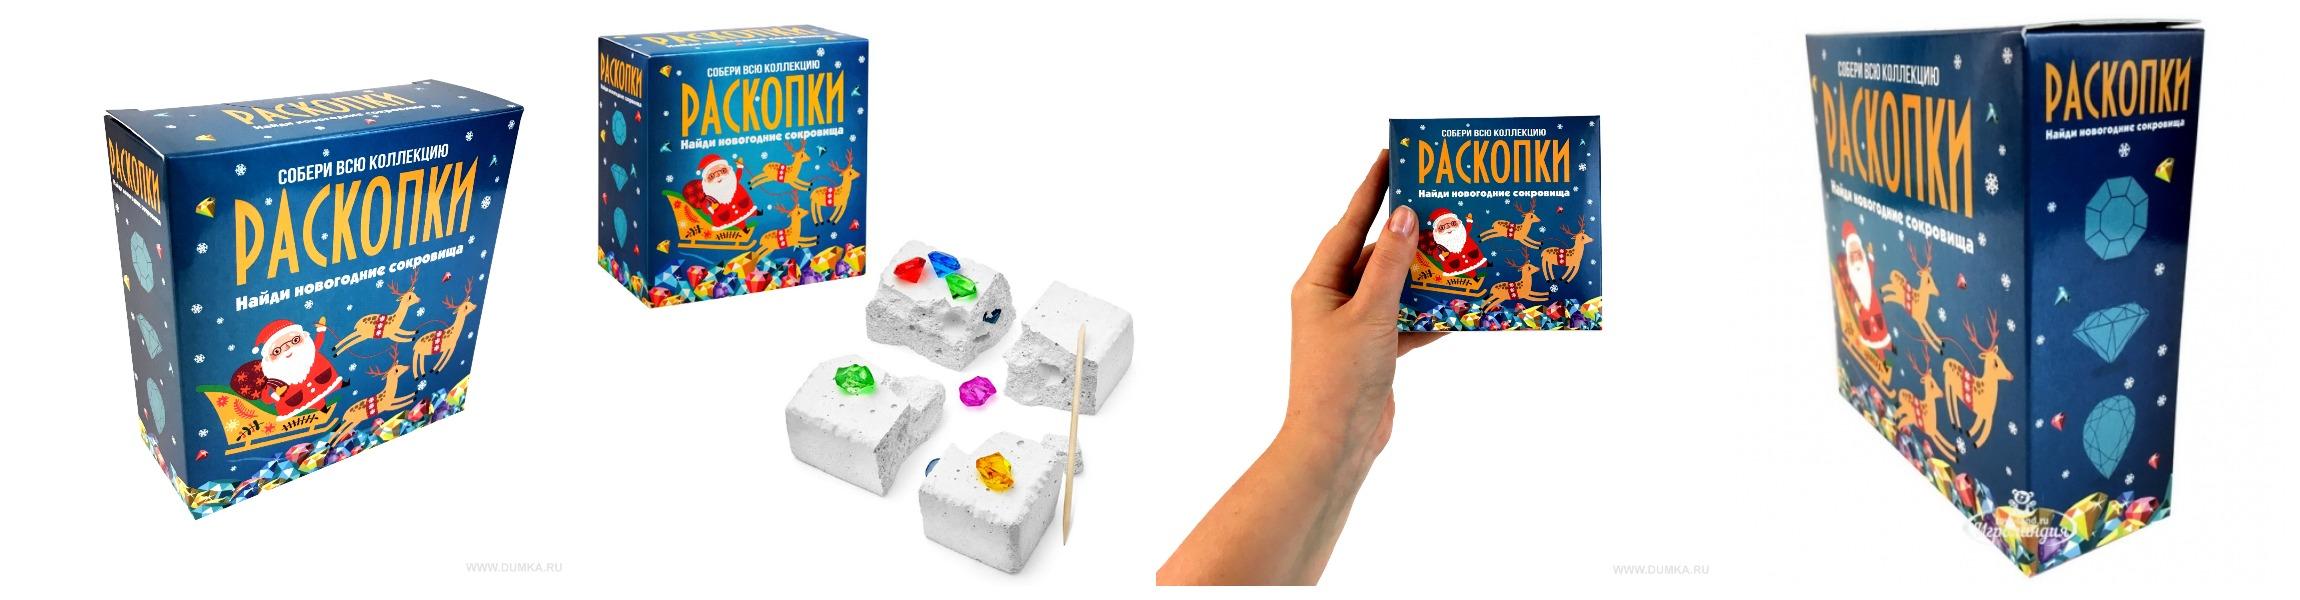 новогодние наборы для творчества - новогодние раскопки